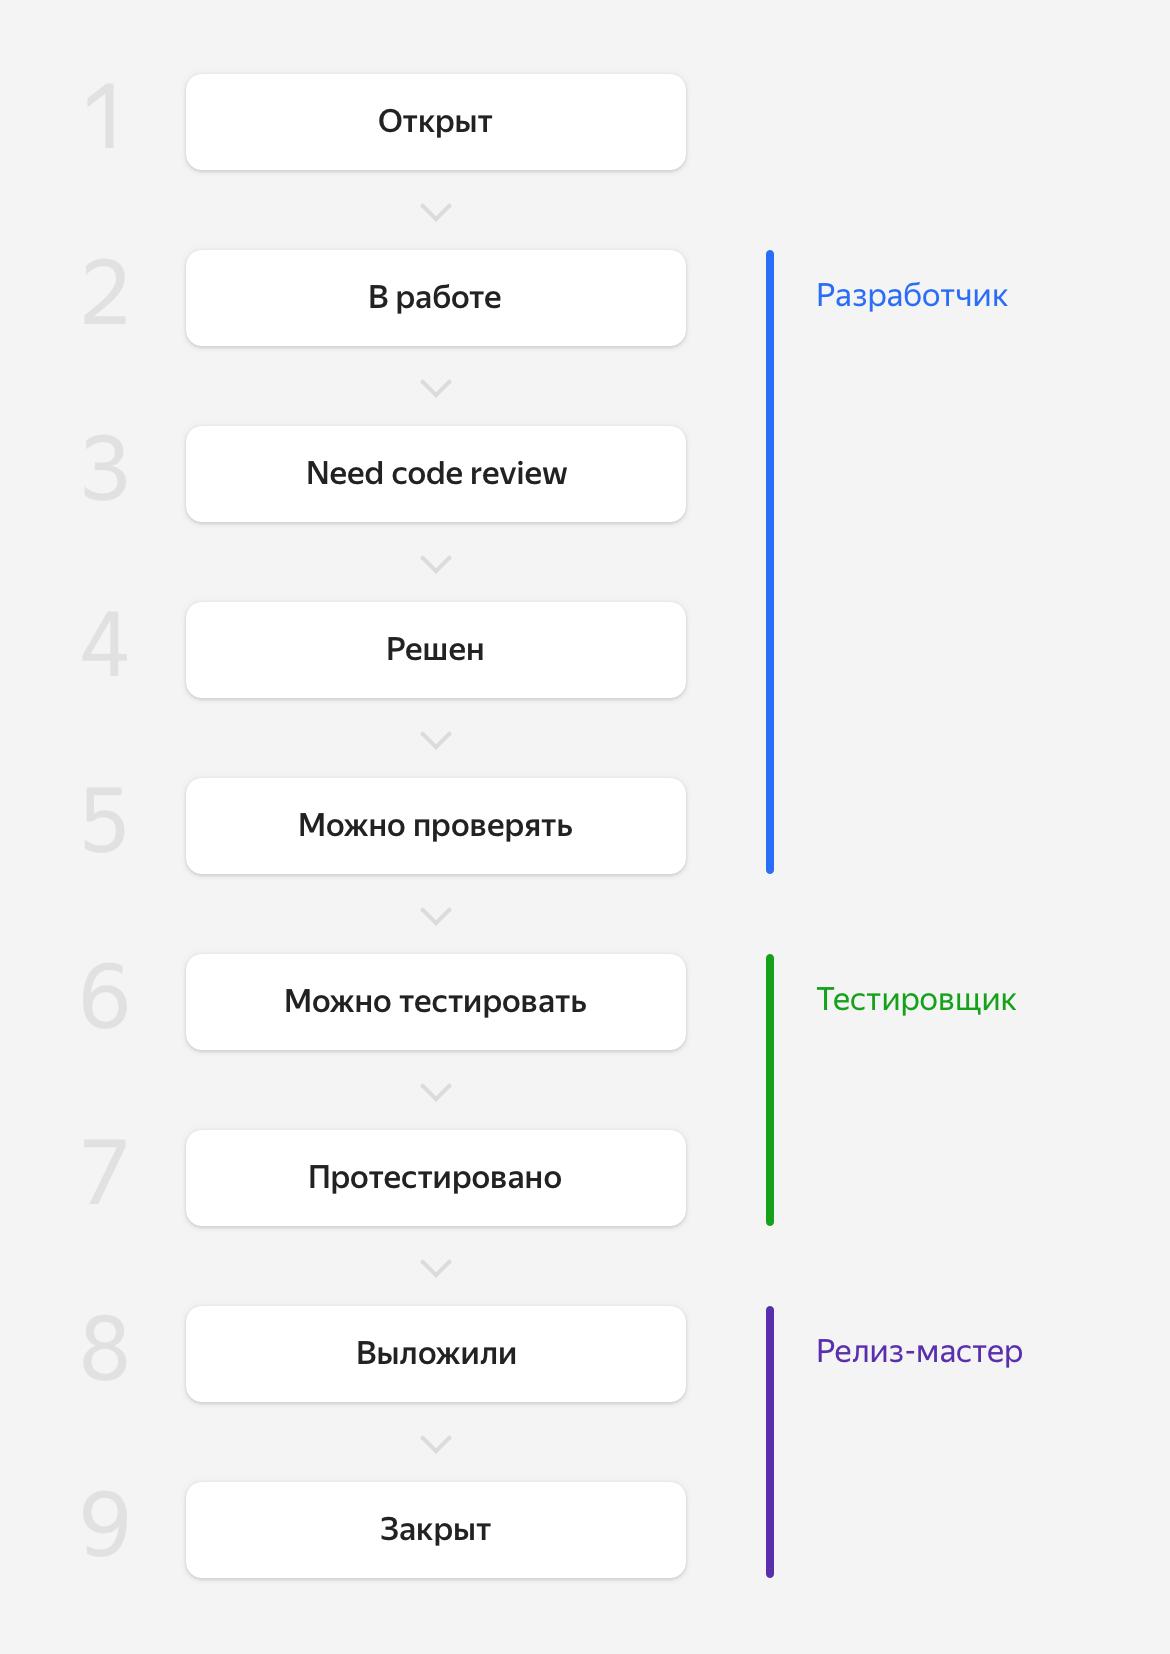 Как сократить код-ревью с двух недель до нескольких часов. Опыт команды Яндекс.Маркета